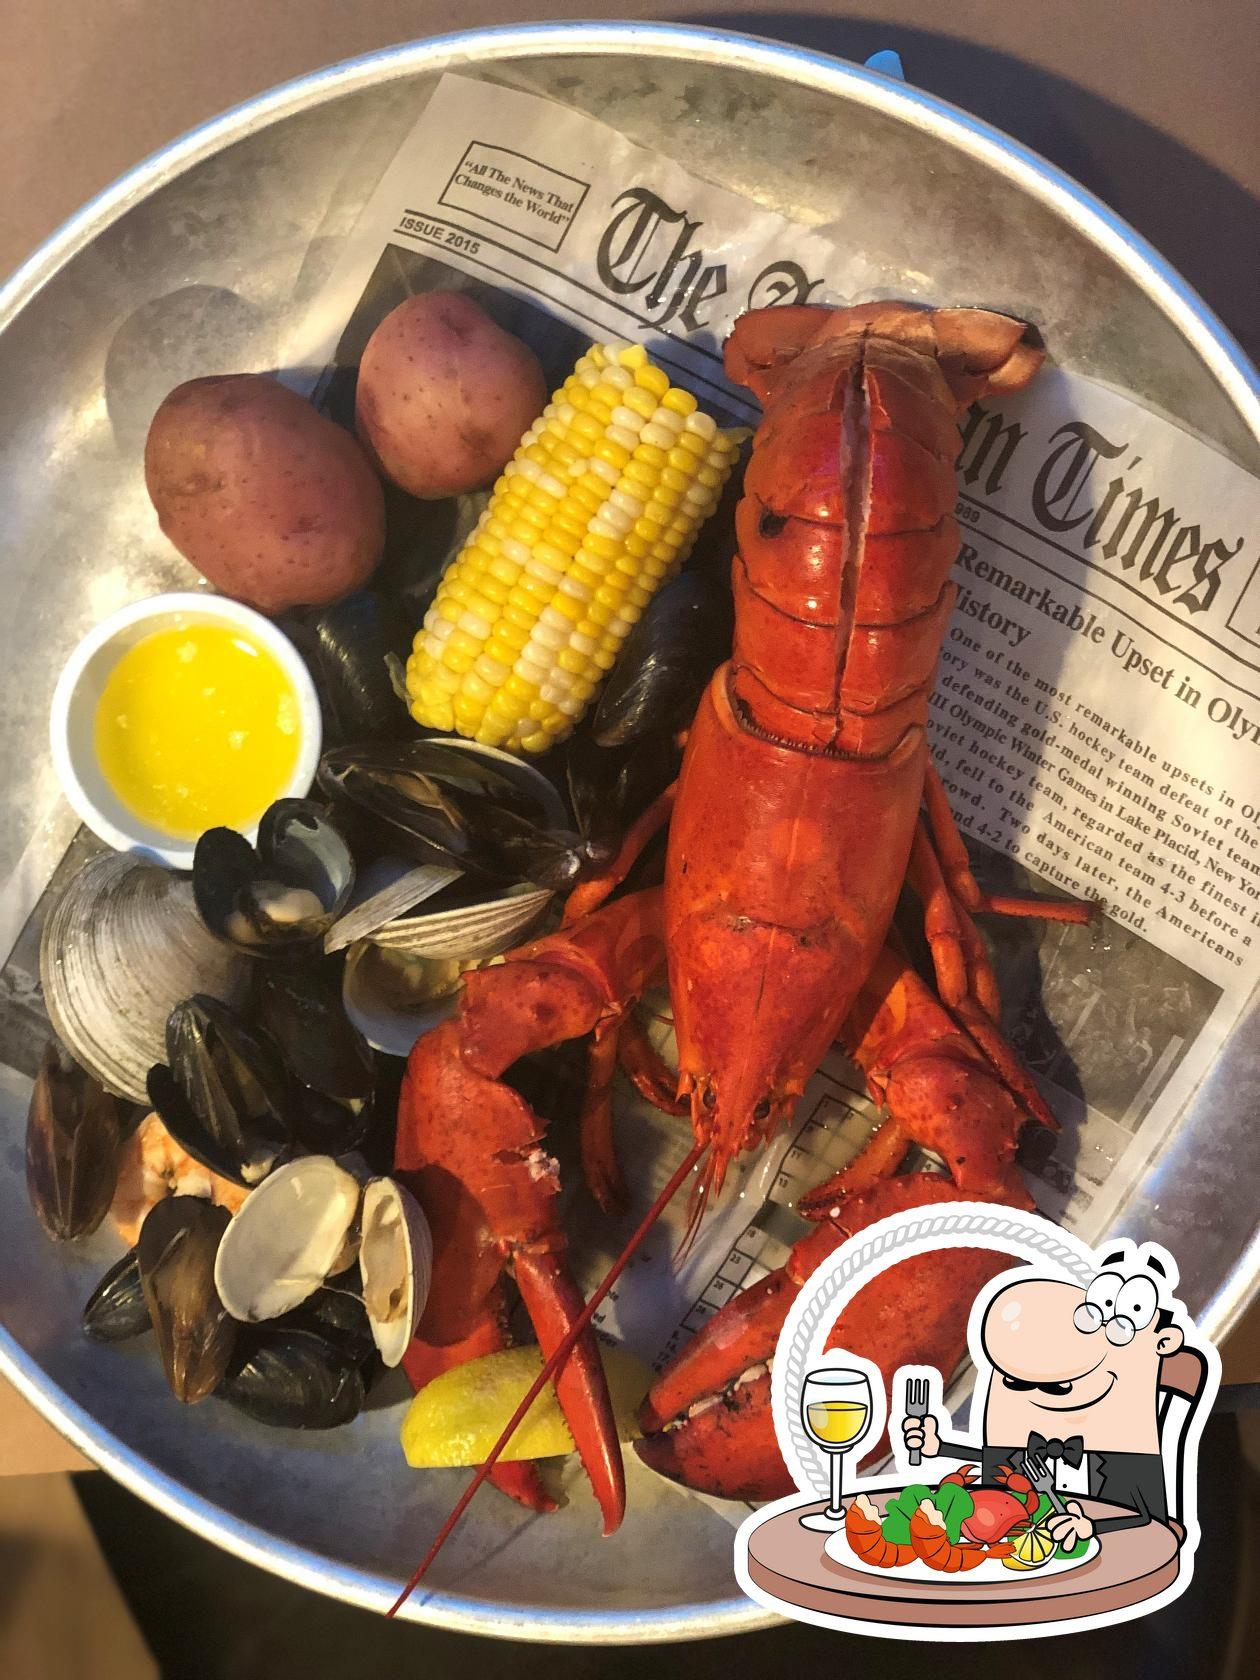 Order seafood at Nantuckets